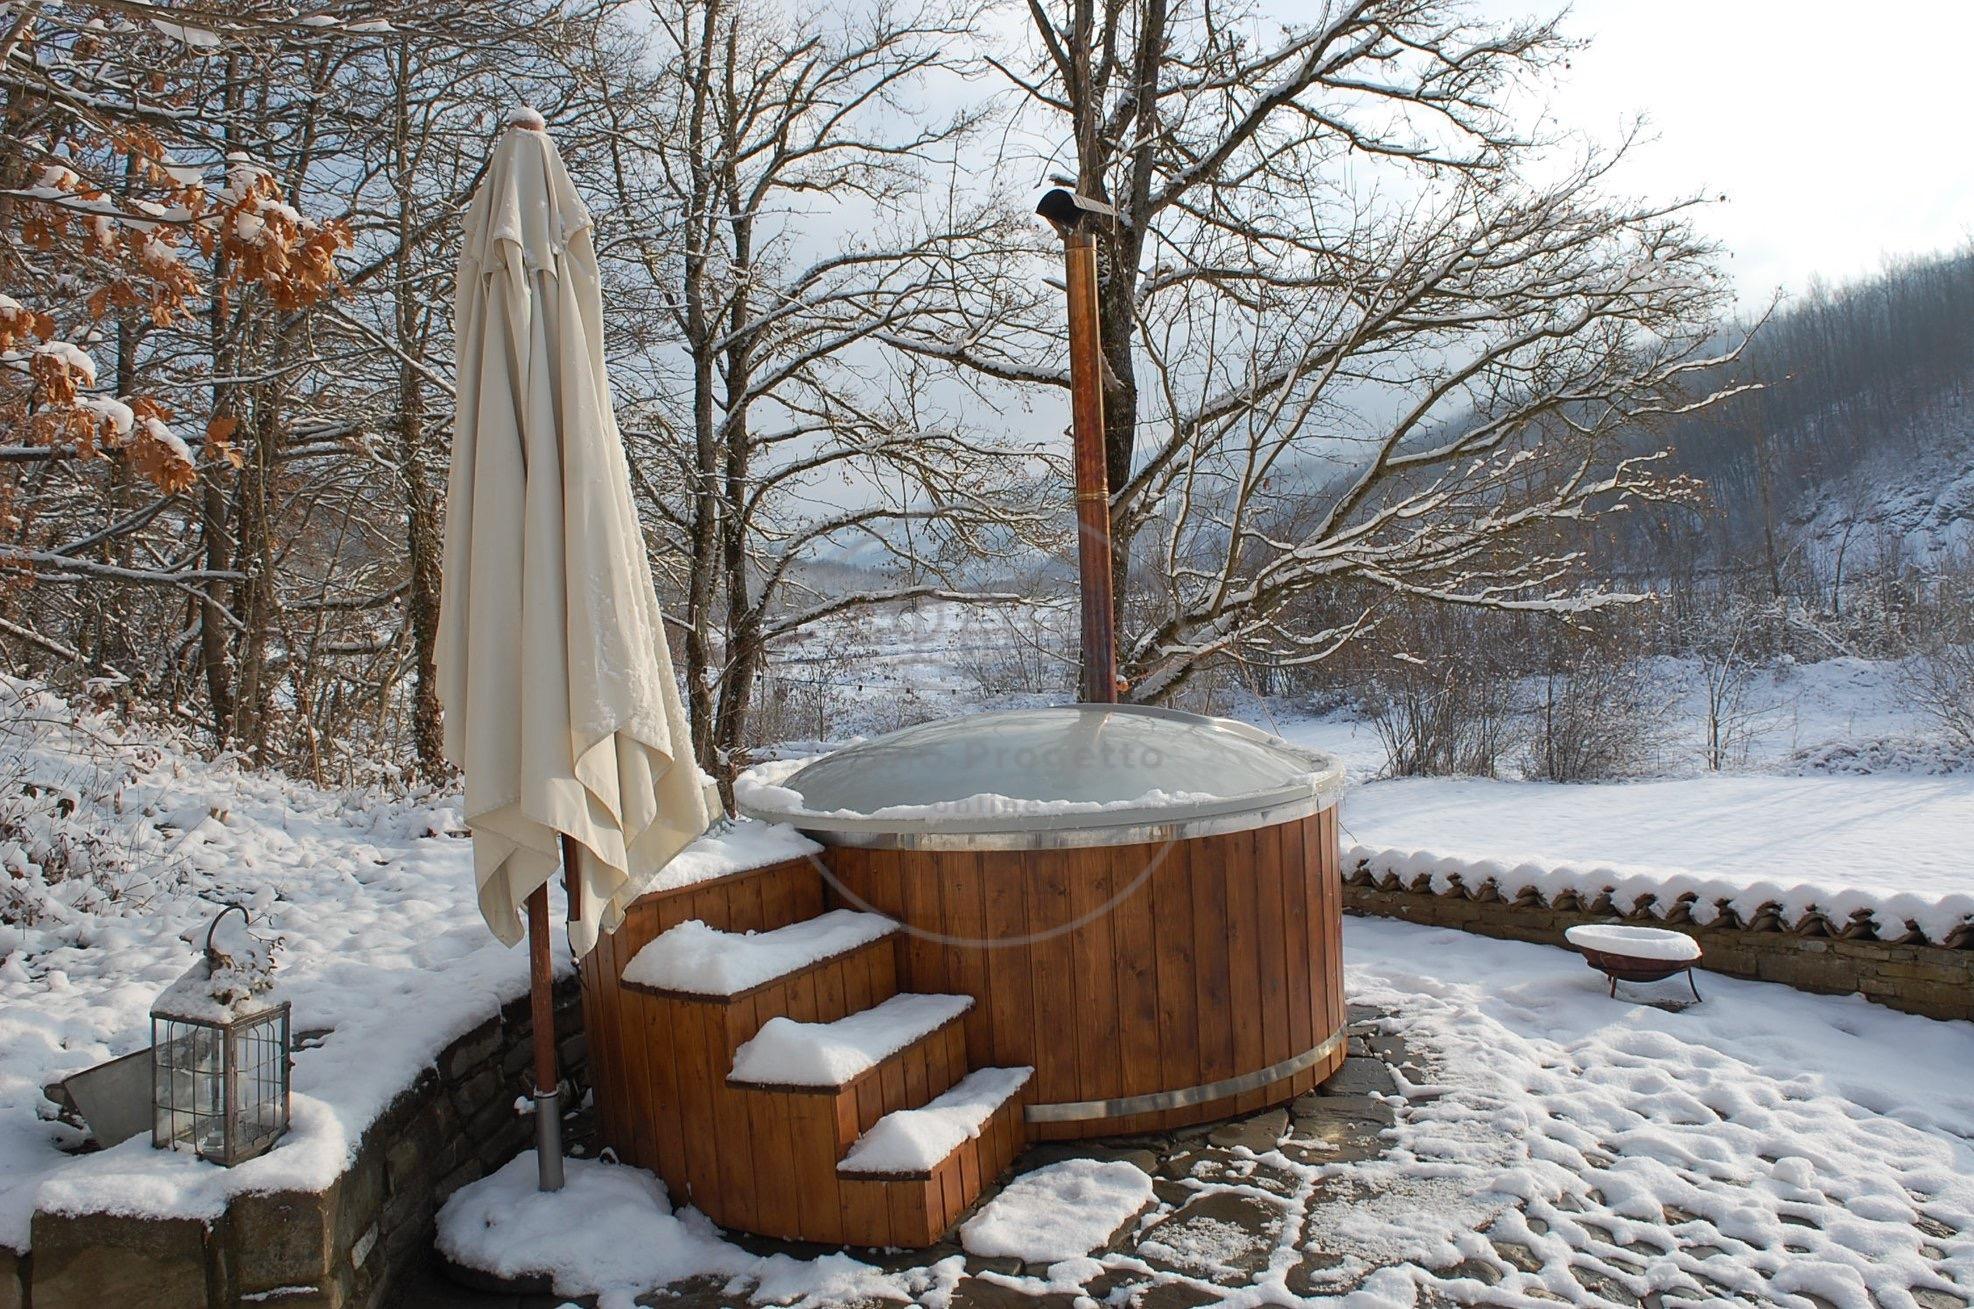 Uso e manutenzione vasca in legno con stufa a legna Importante a sapere